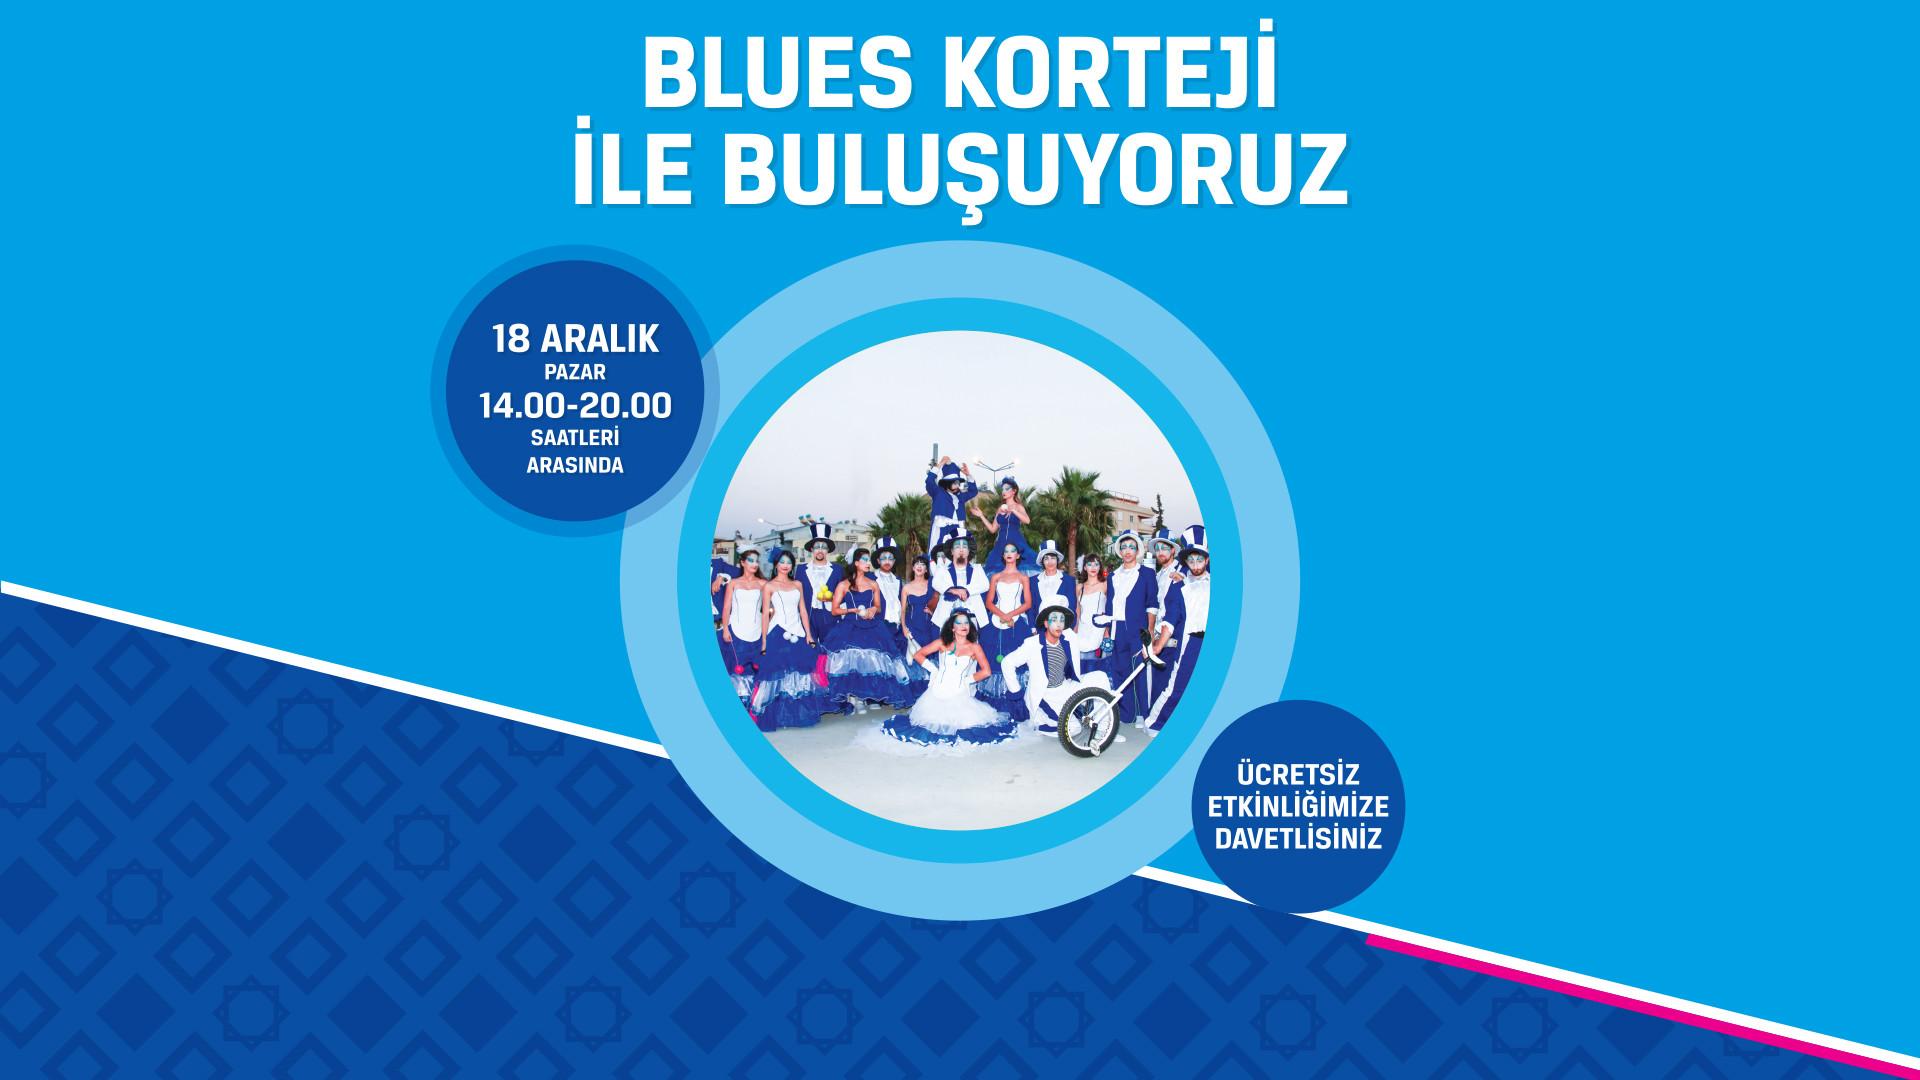 Blues Korteji ile Buluşuyoruz